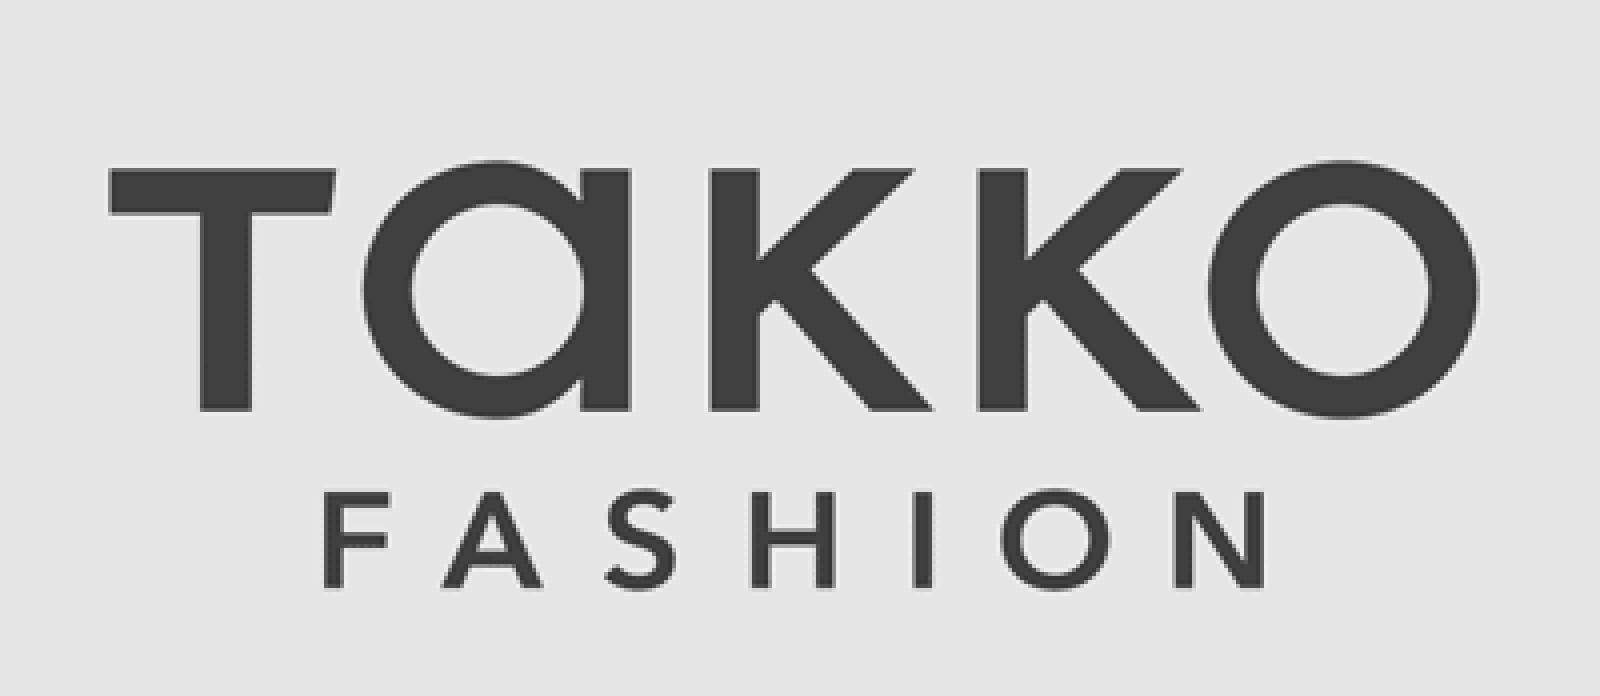 Bilbord za kompaniju Takko fashon